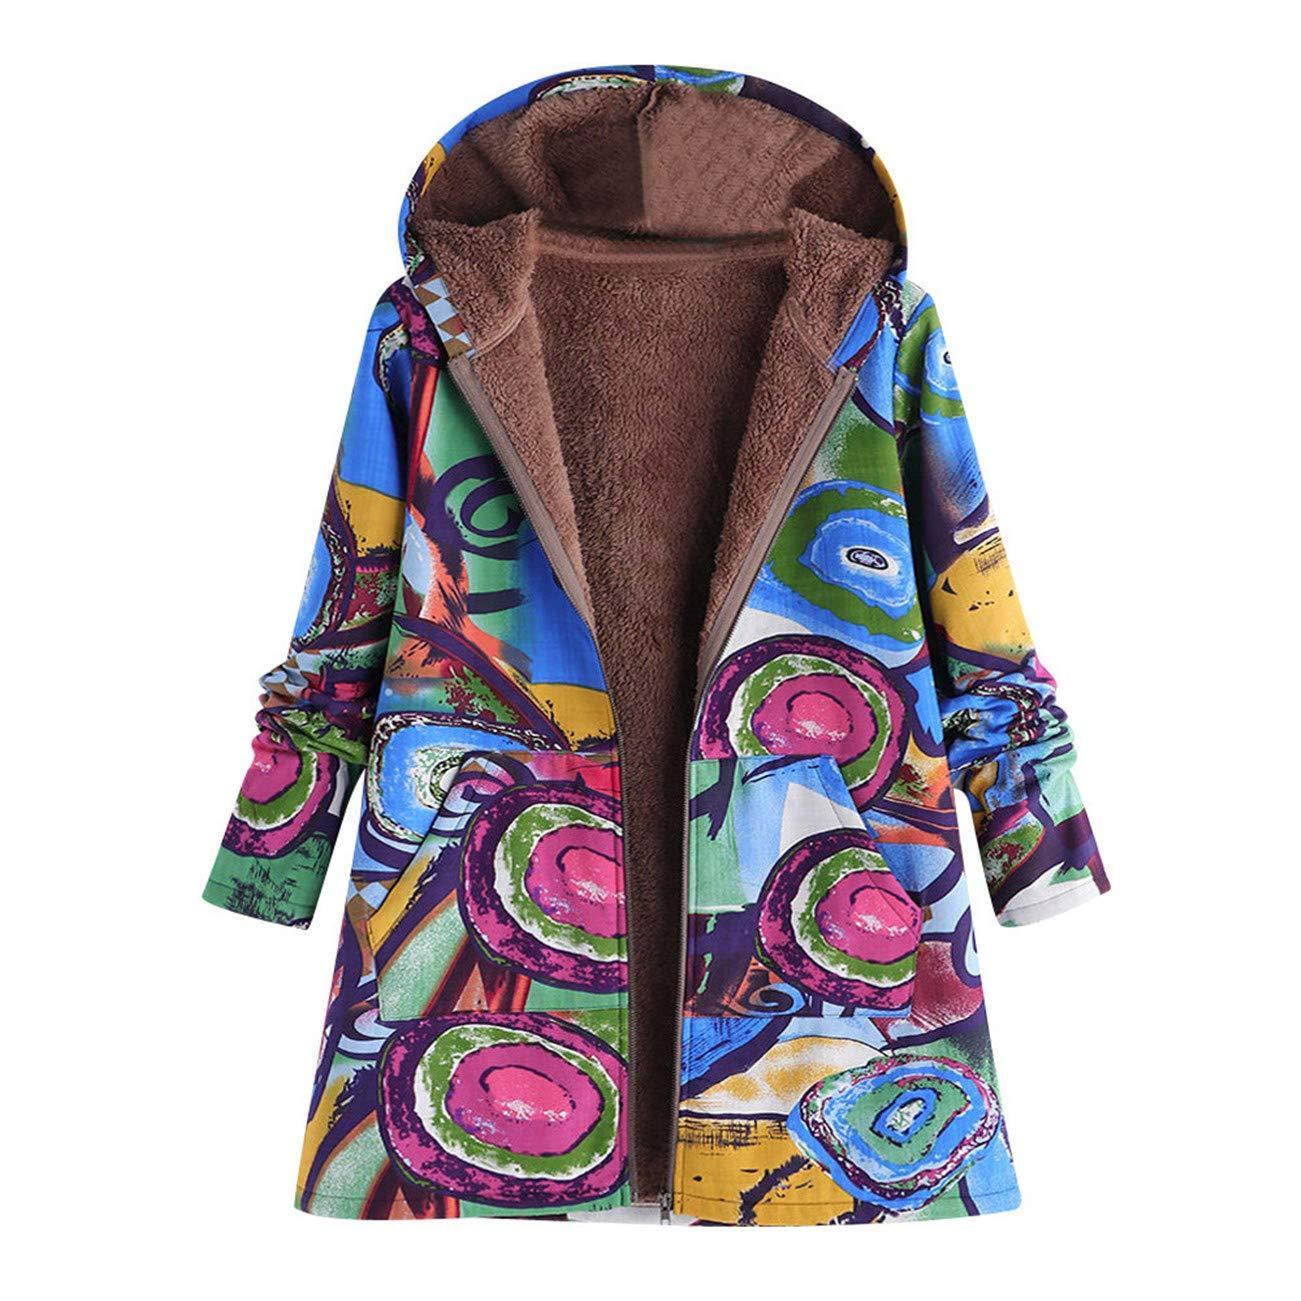 AMUSTER -Inverno Autunno Donna Elegante Cerimonia Fashion Casual Plus Size Incappucciato Manica Lunga Cotone Lino Lanuginoso Pelliccia Cerniera Cappotto Outwear